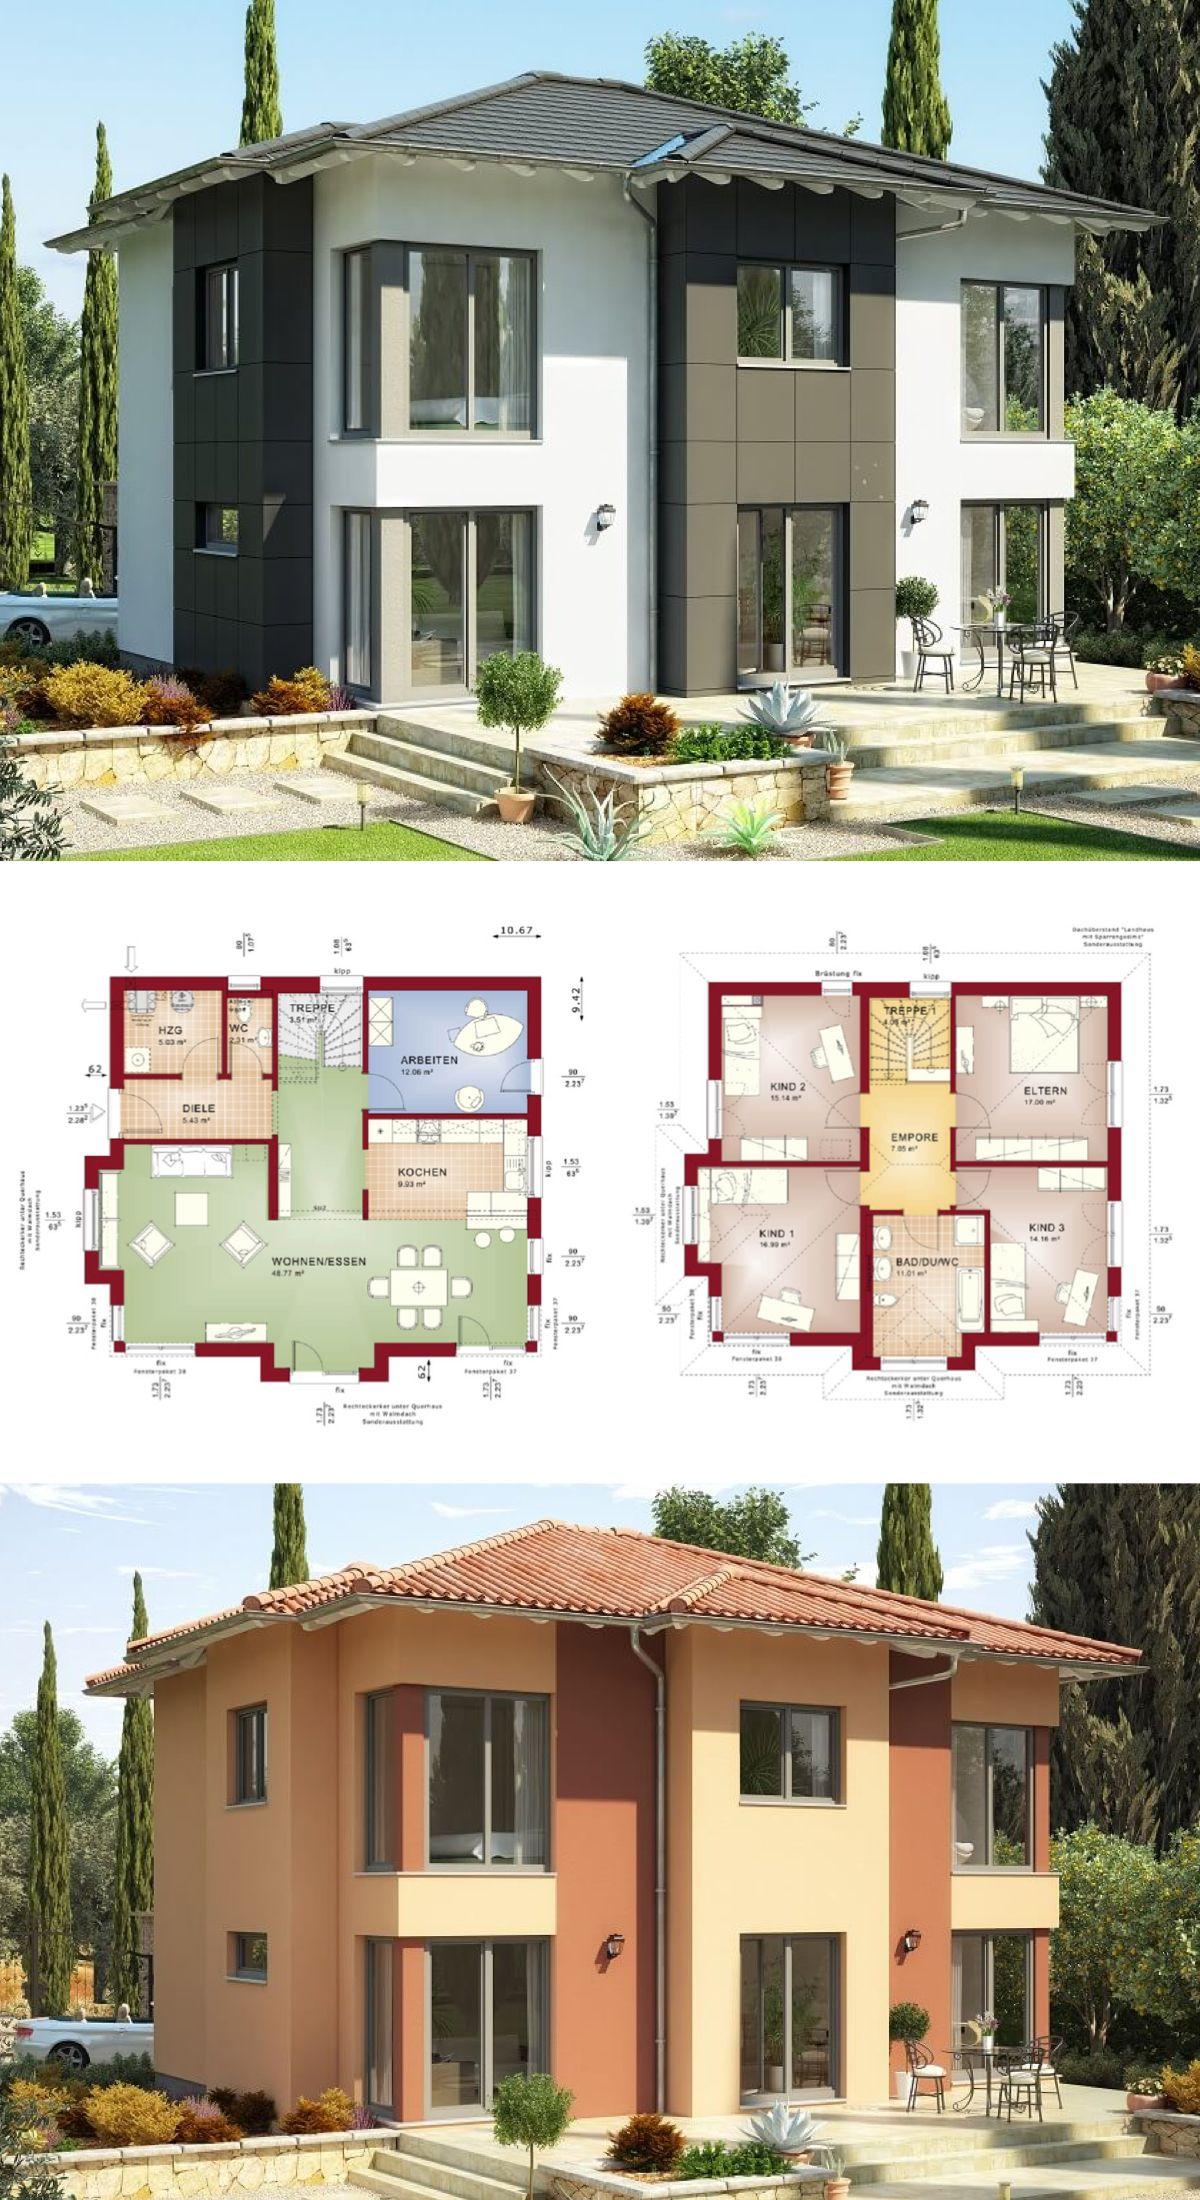 MODERNE STADTVILLA Mit Walmdach // Haus Evolution 165 V3 Bien Zenker    Einfamilienhaus Grundriss Modern